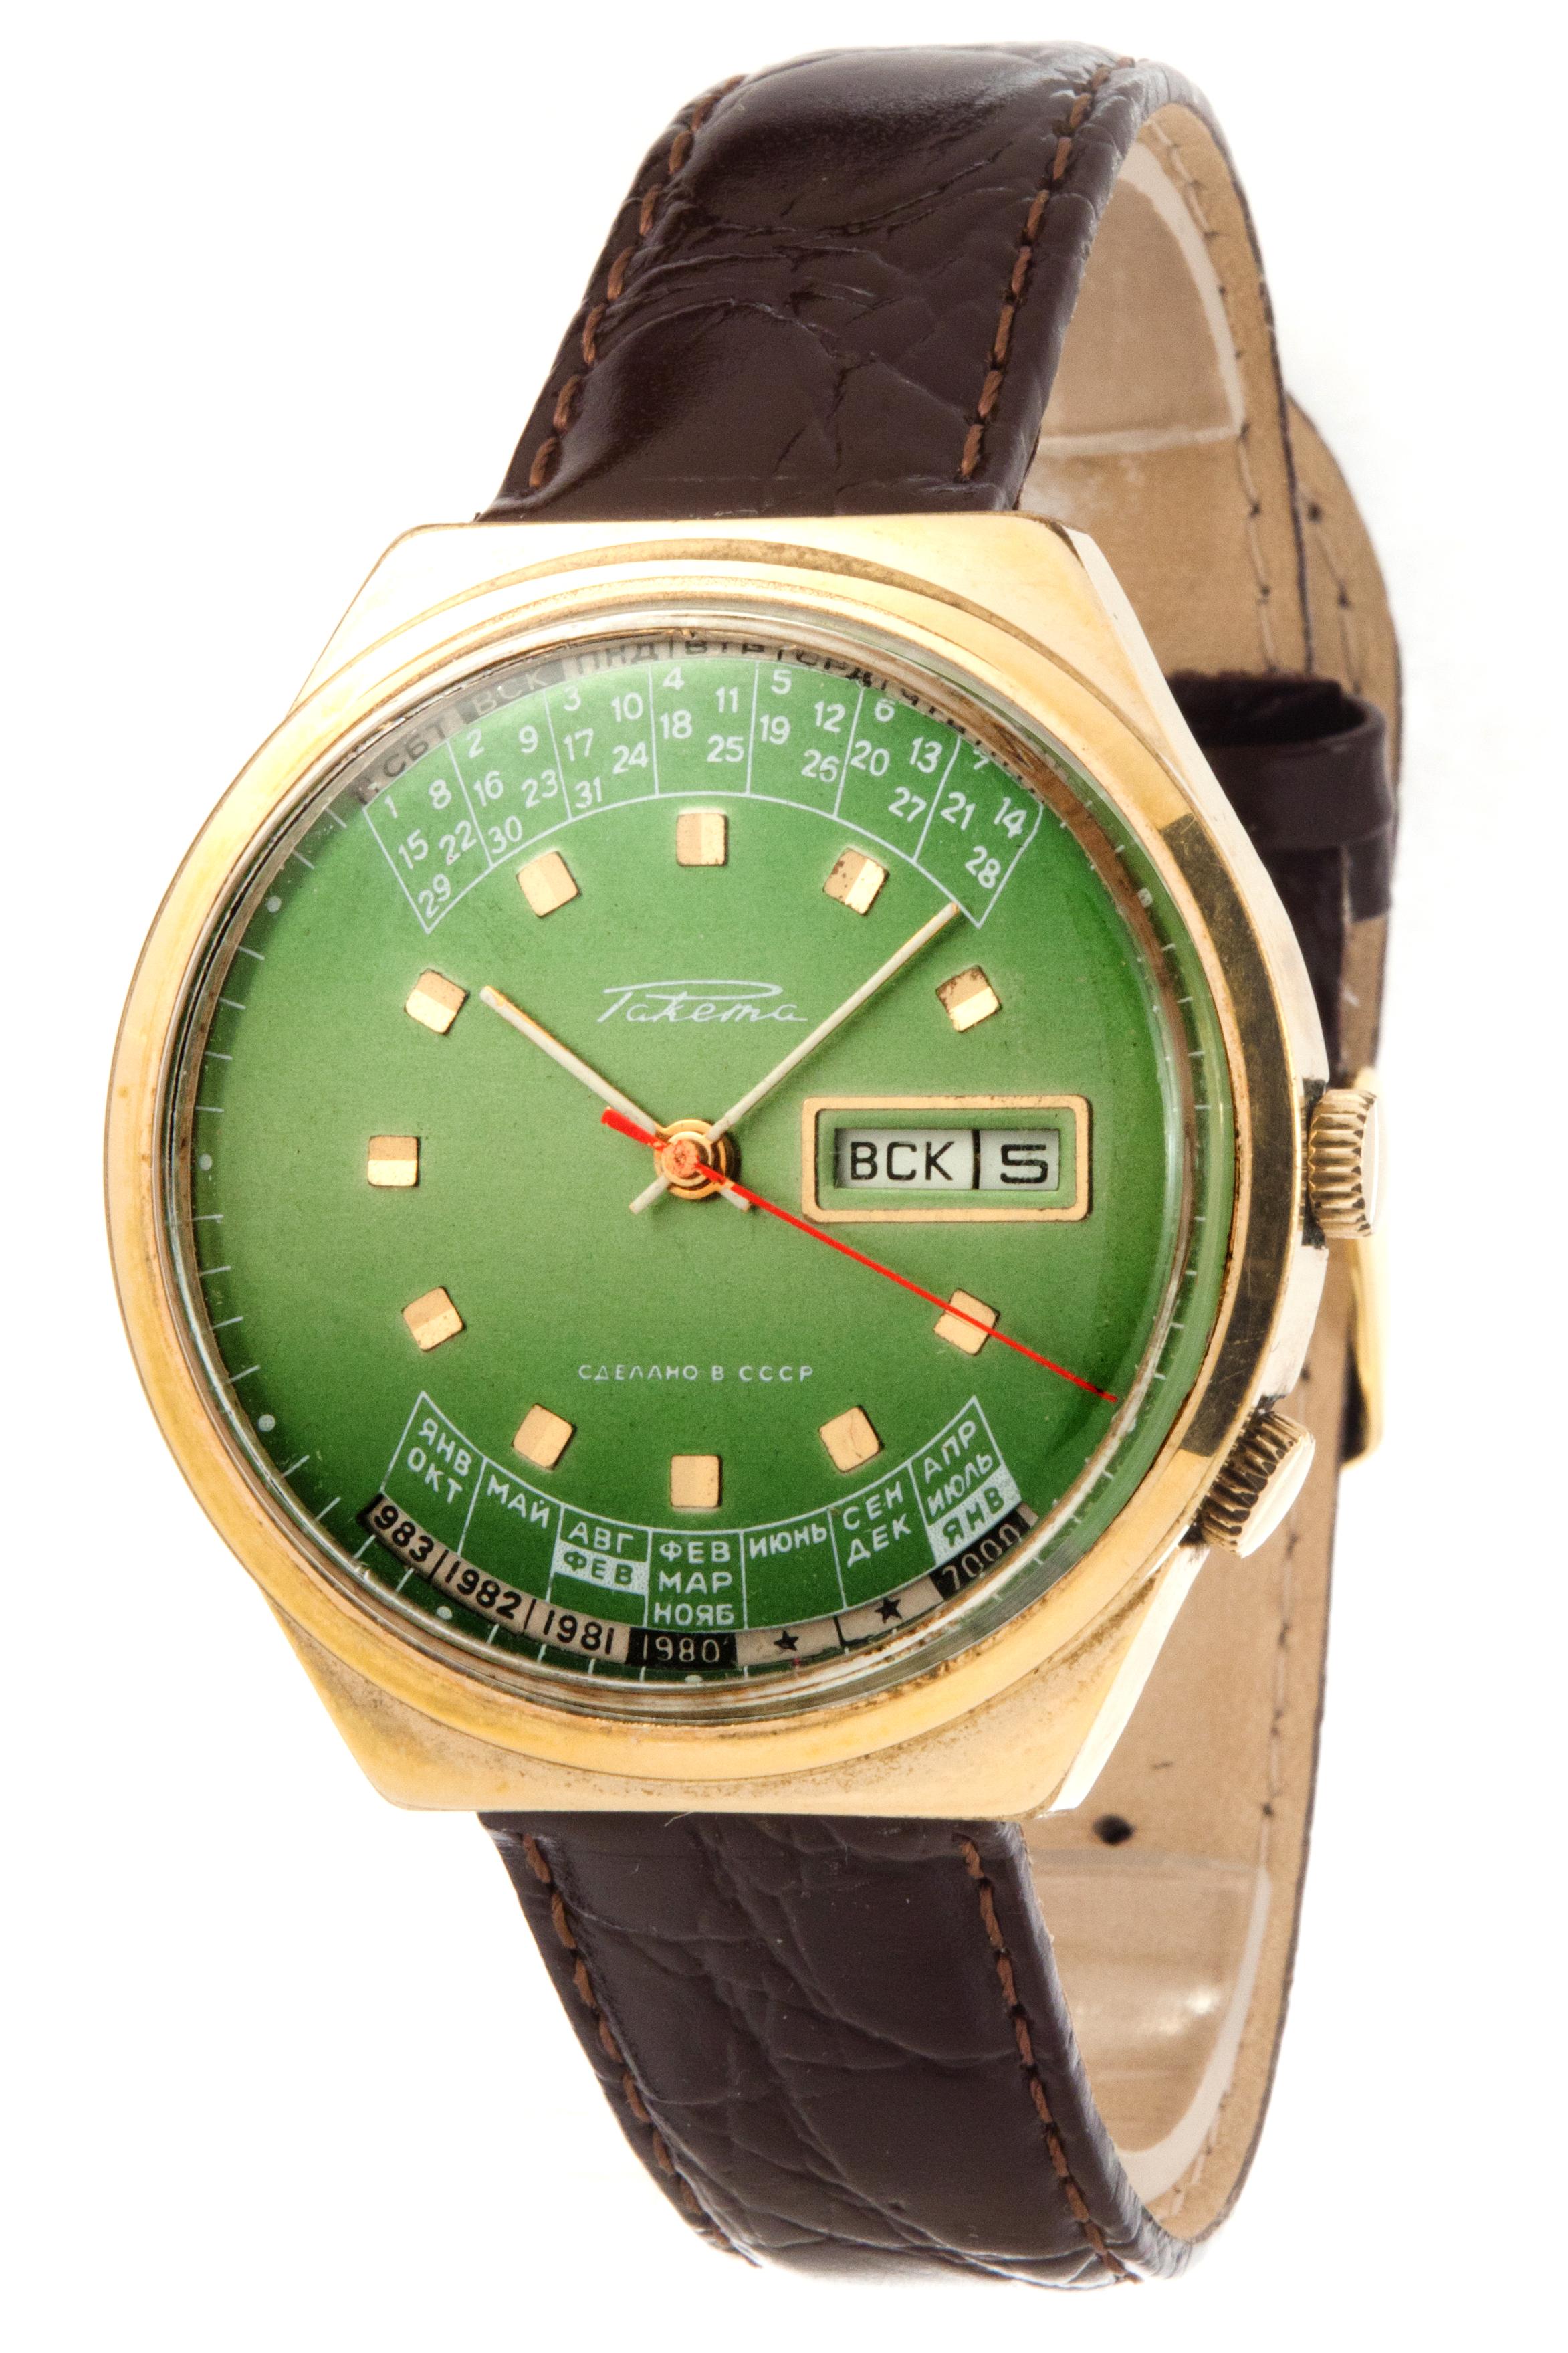 ab377ff4 Ракета (часы) — Википедия